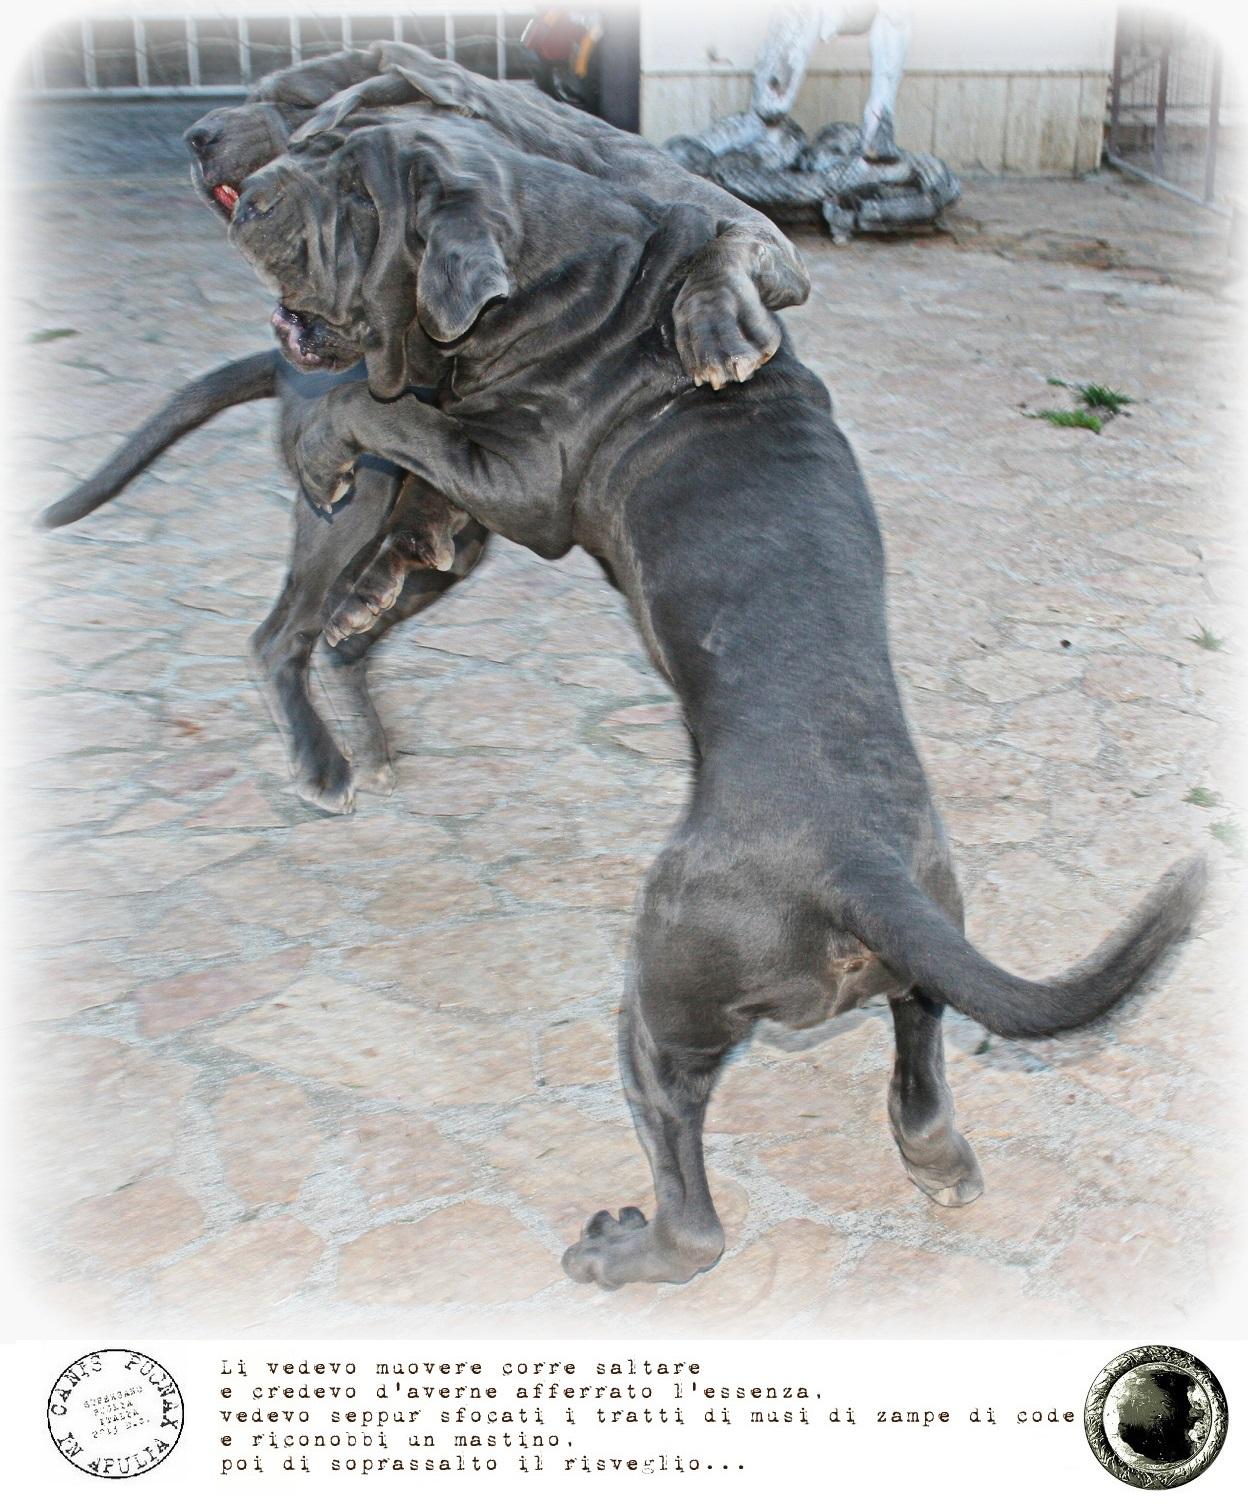 Molossus Puppies: Molossus Canis Pugnax Breed